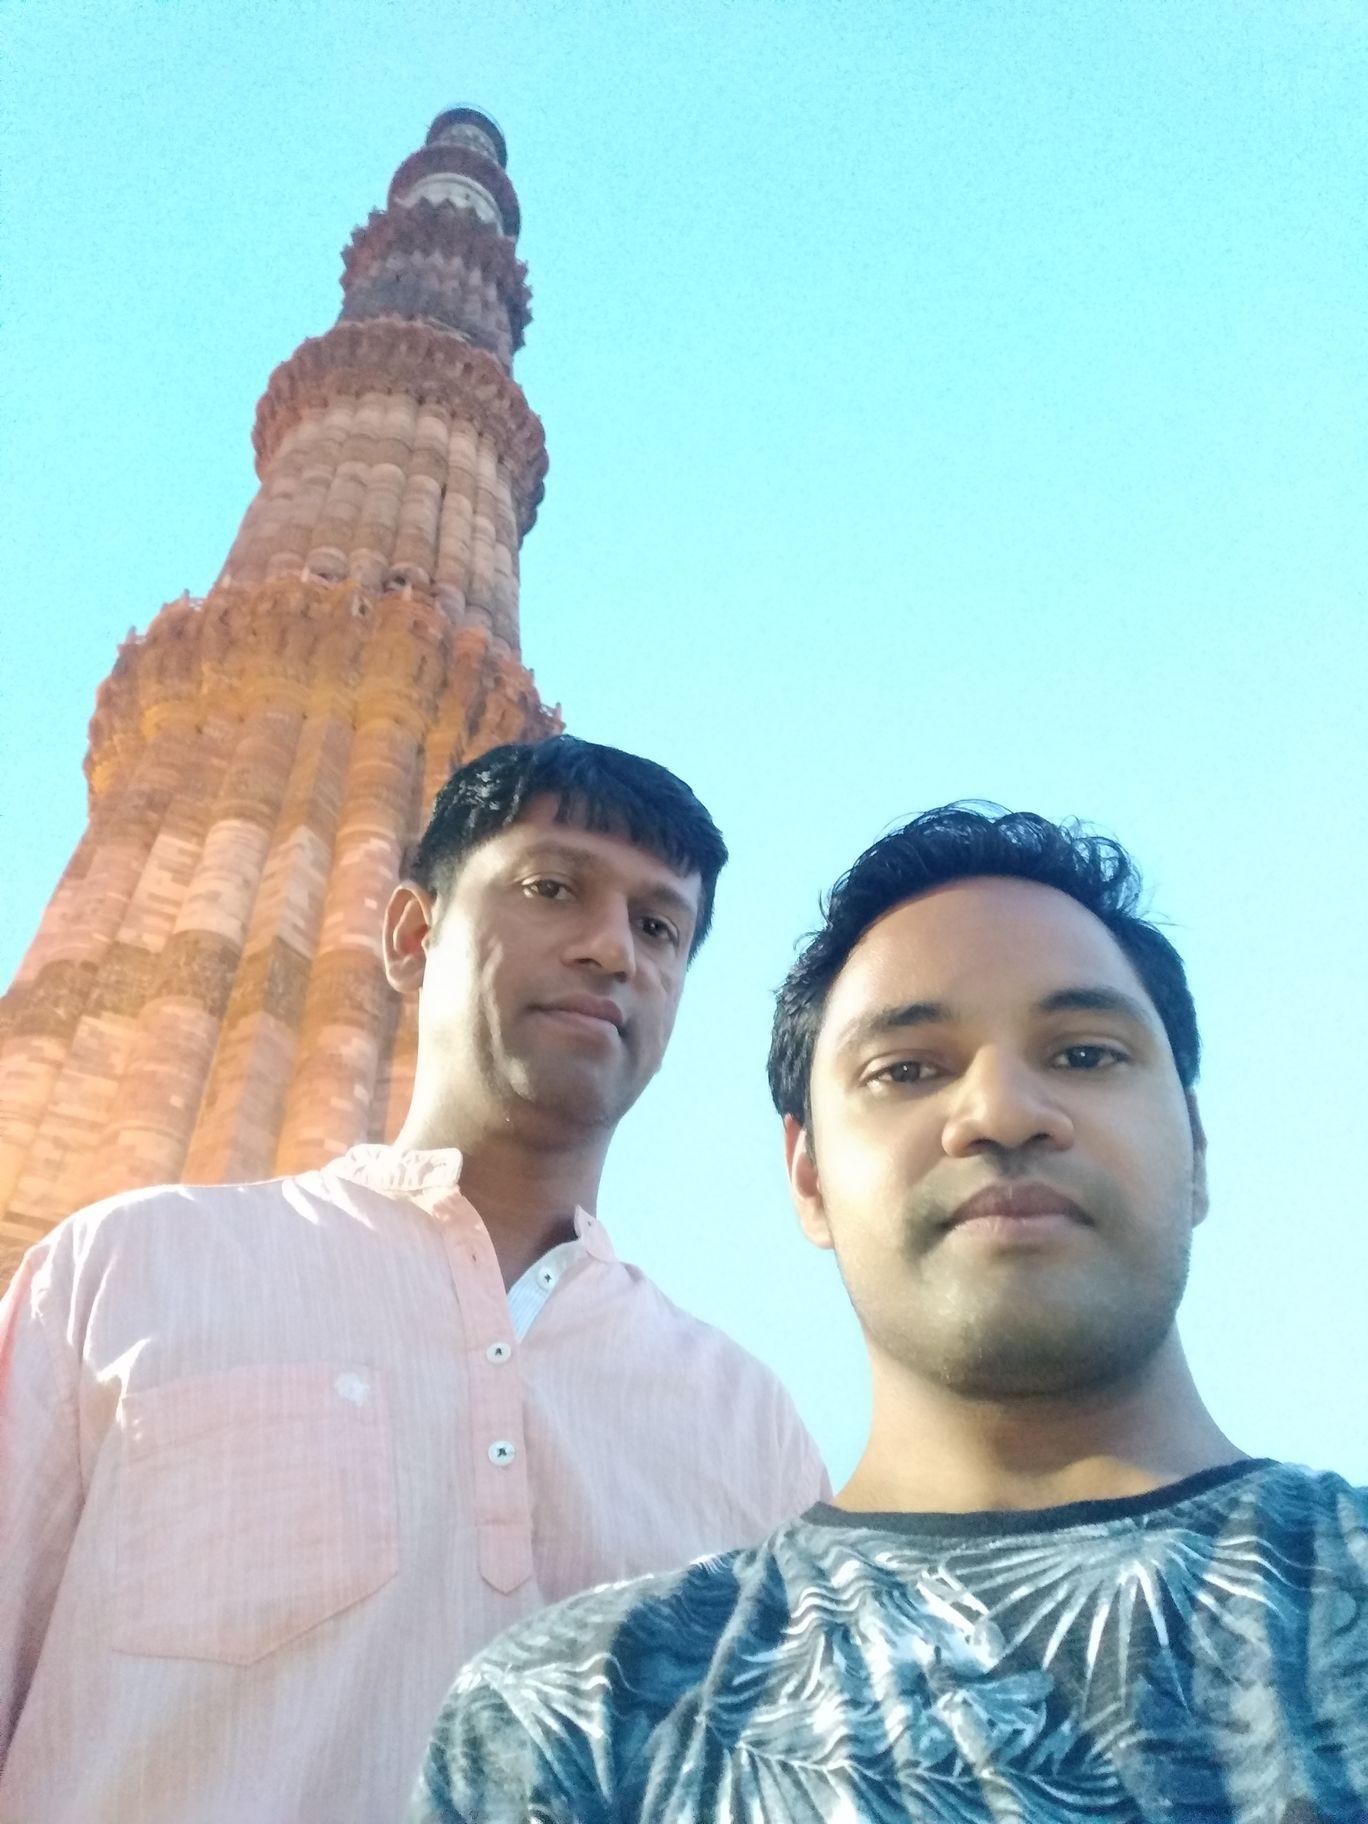 Photo of Kutub Minar By M Krishna Kumar